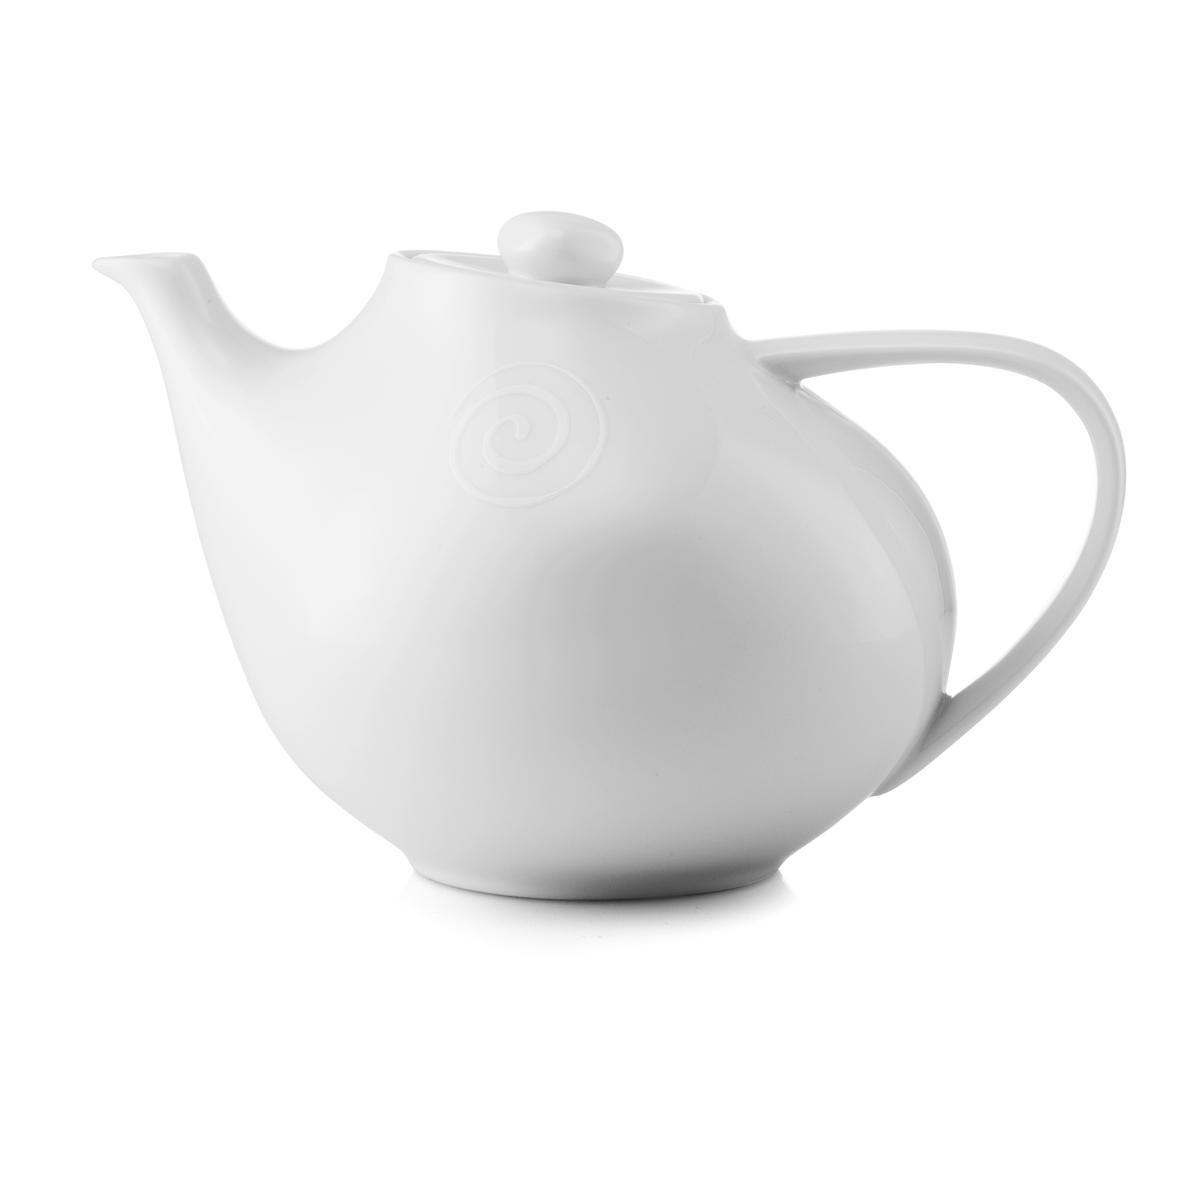 TEA POT - swirl